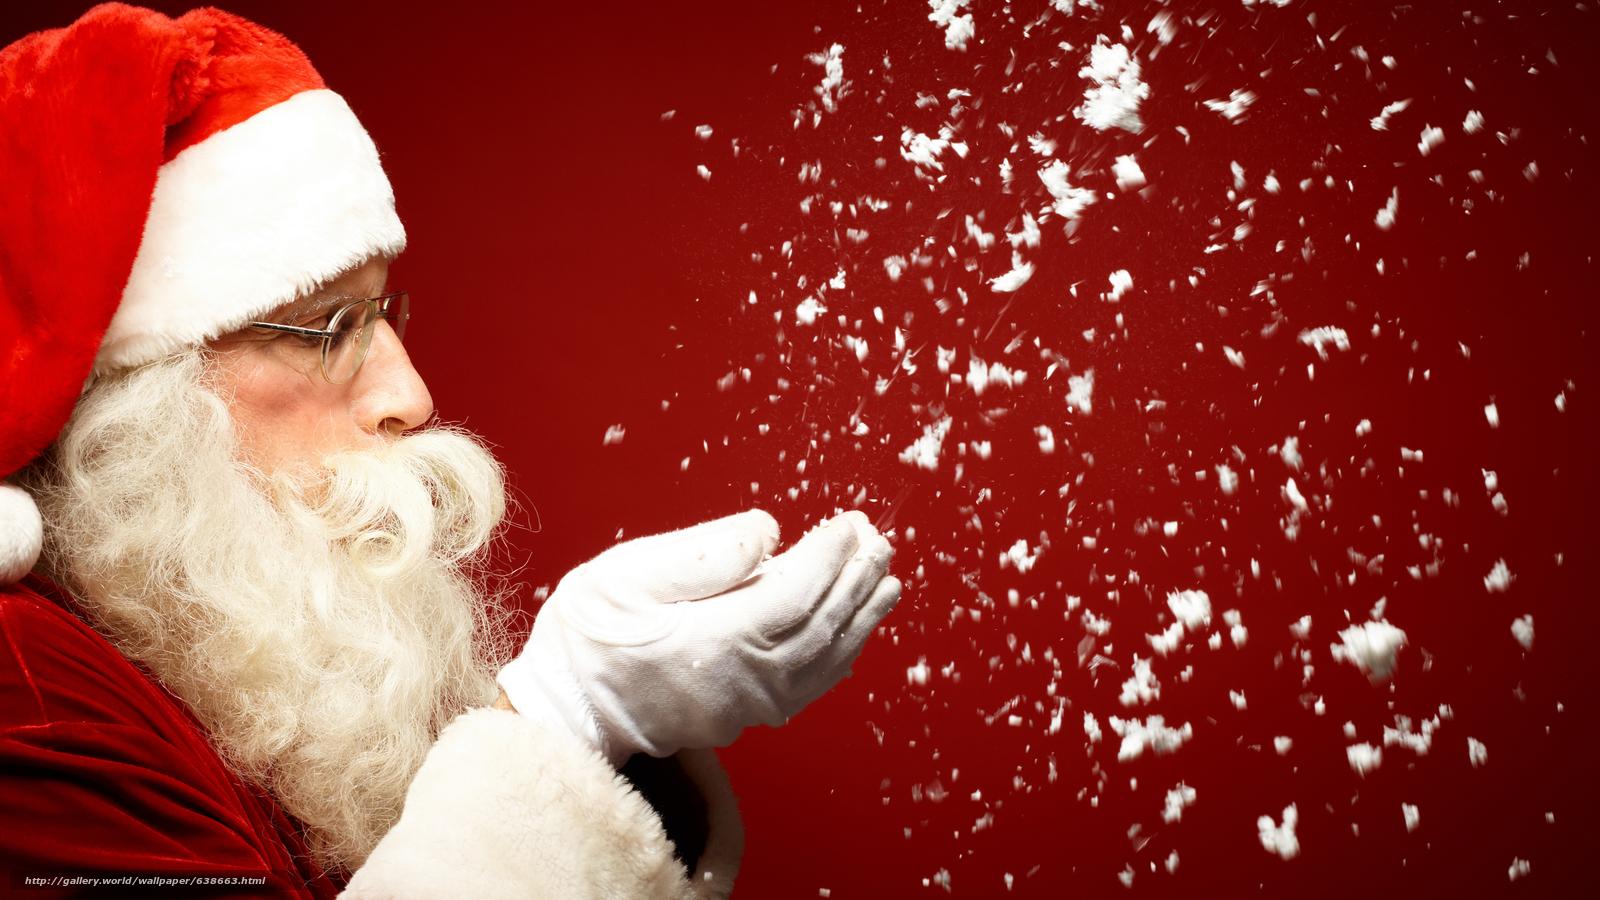 Sfondi Babbo Natale.Scaricare Gli Sfondi Babbo Natale Babbo Natale Capodanno Natale Sfondi Gratis Per La Risoluzione Del Desktop 5500x3094 Immagine 638663